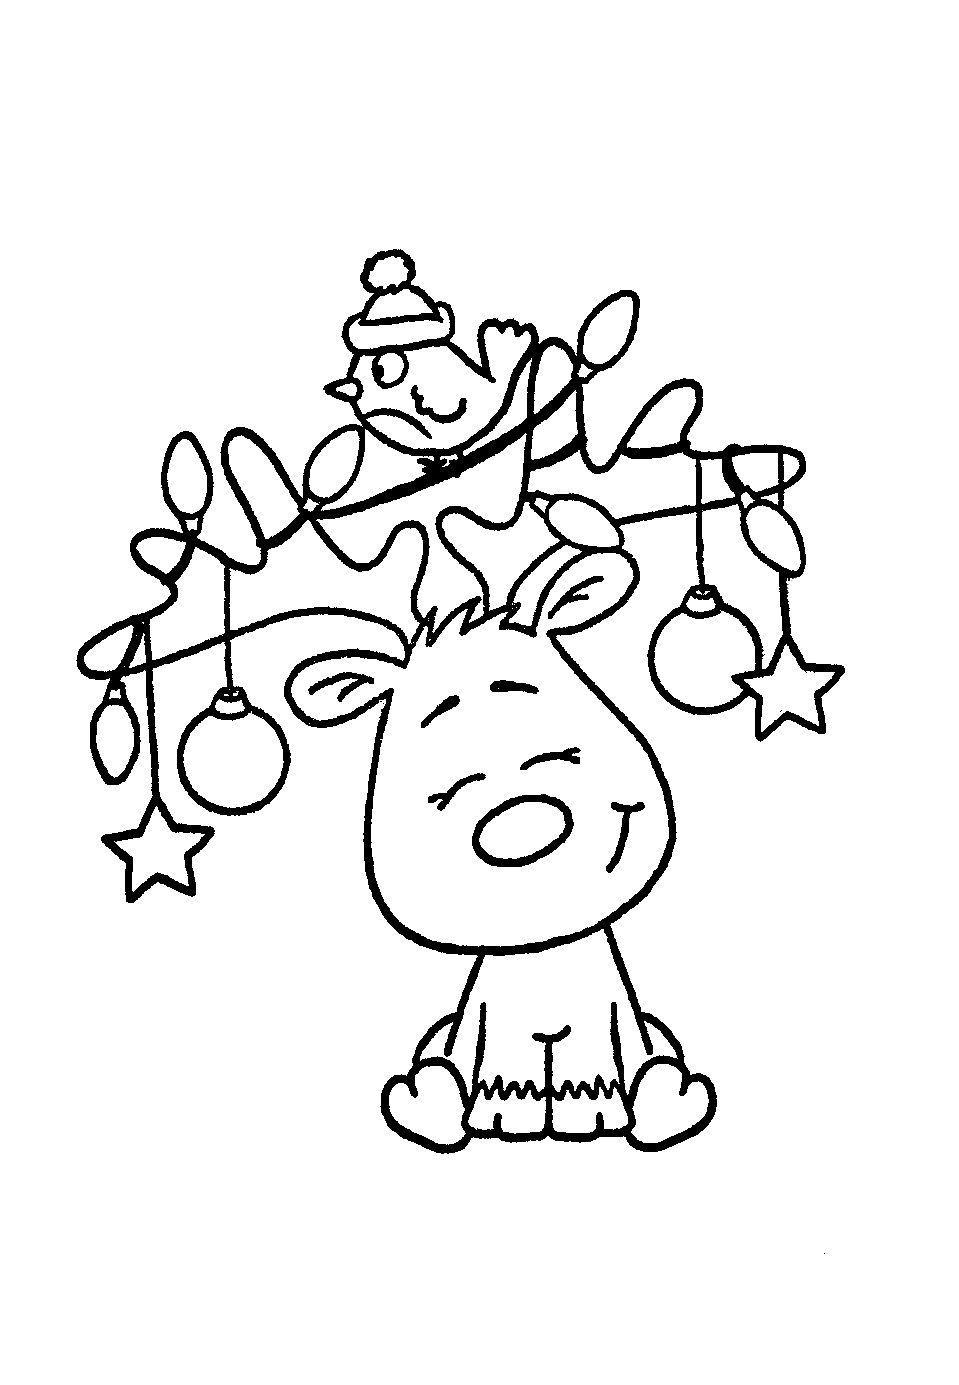 Elch Malvorlage - kinderbilderdownload kinderbilder